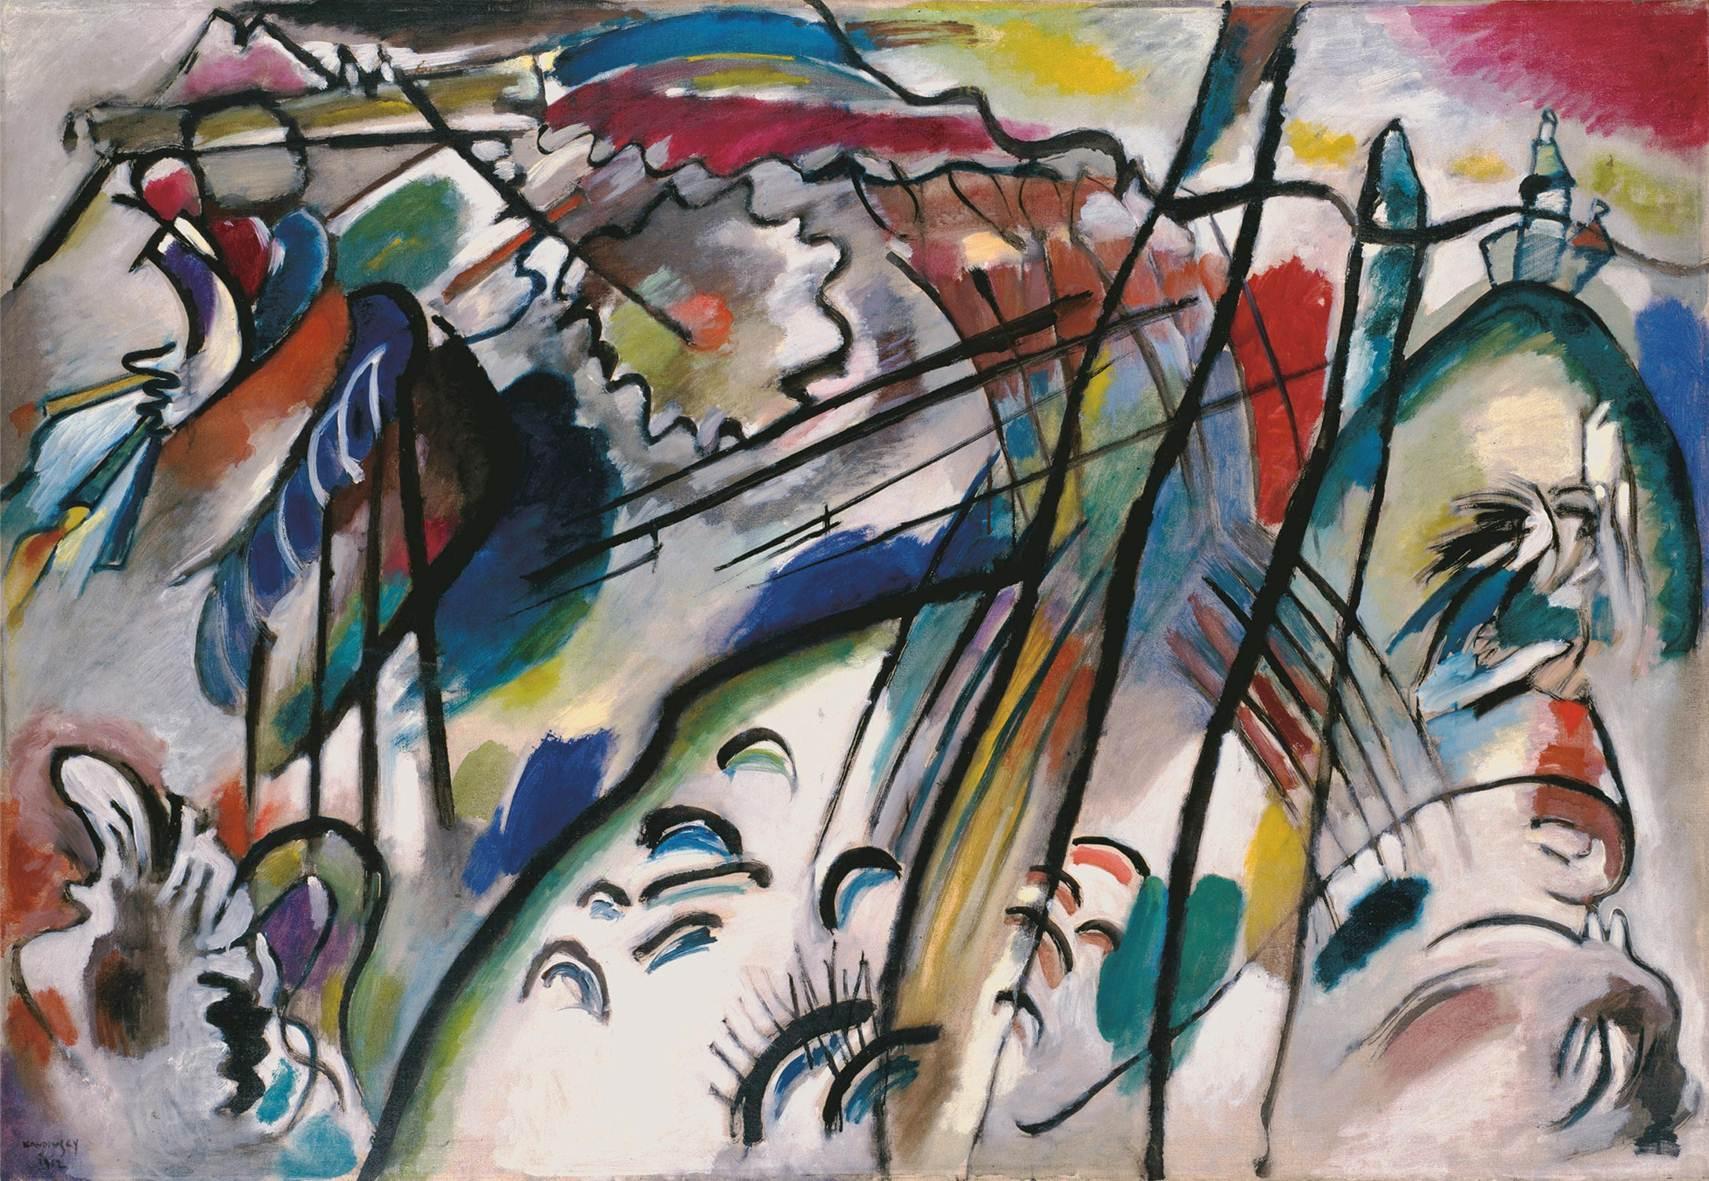 Abstract 19th Century Artist - improvisation-28-second-version-1912_Simple Abstract 19th Century Artist - improvisation-28-second-version-1912  Trends_217815.jpg